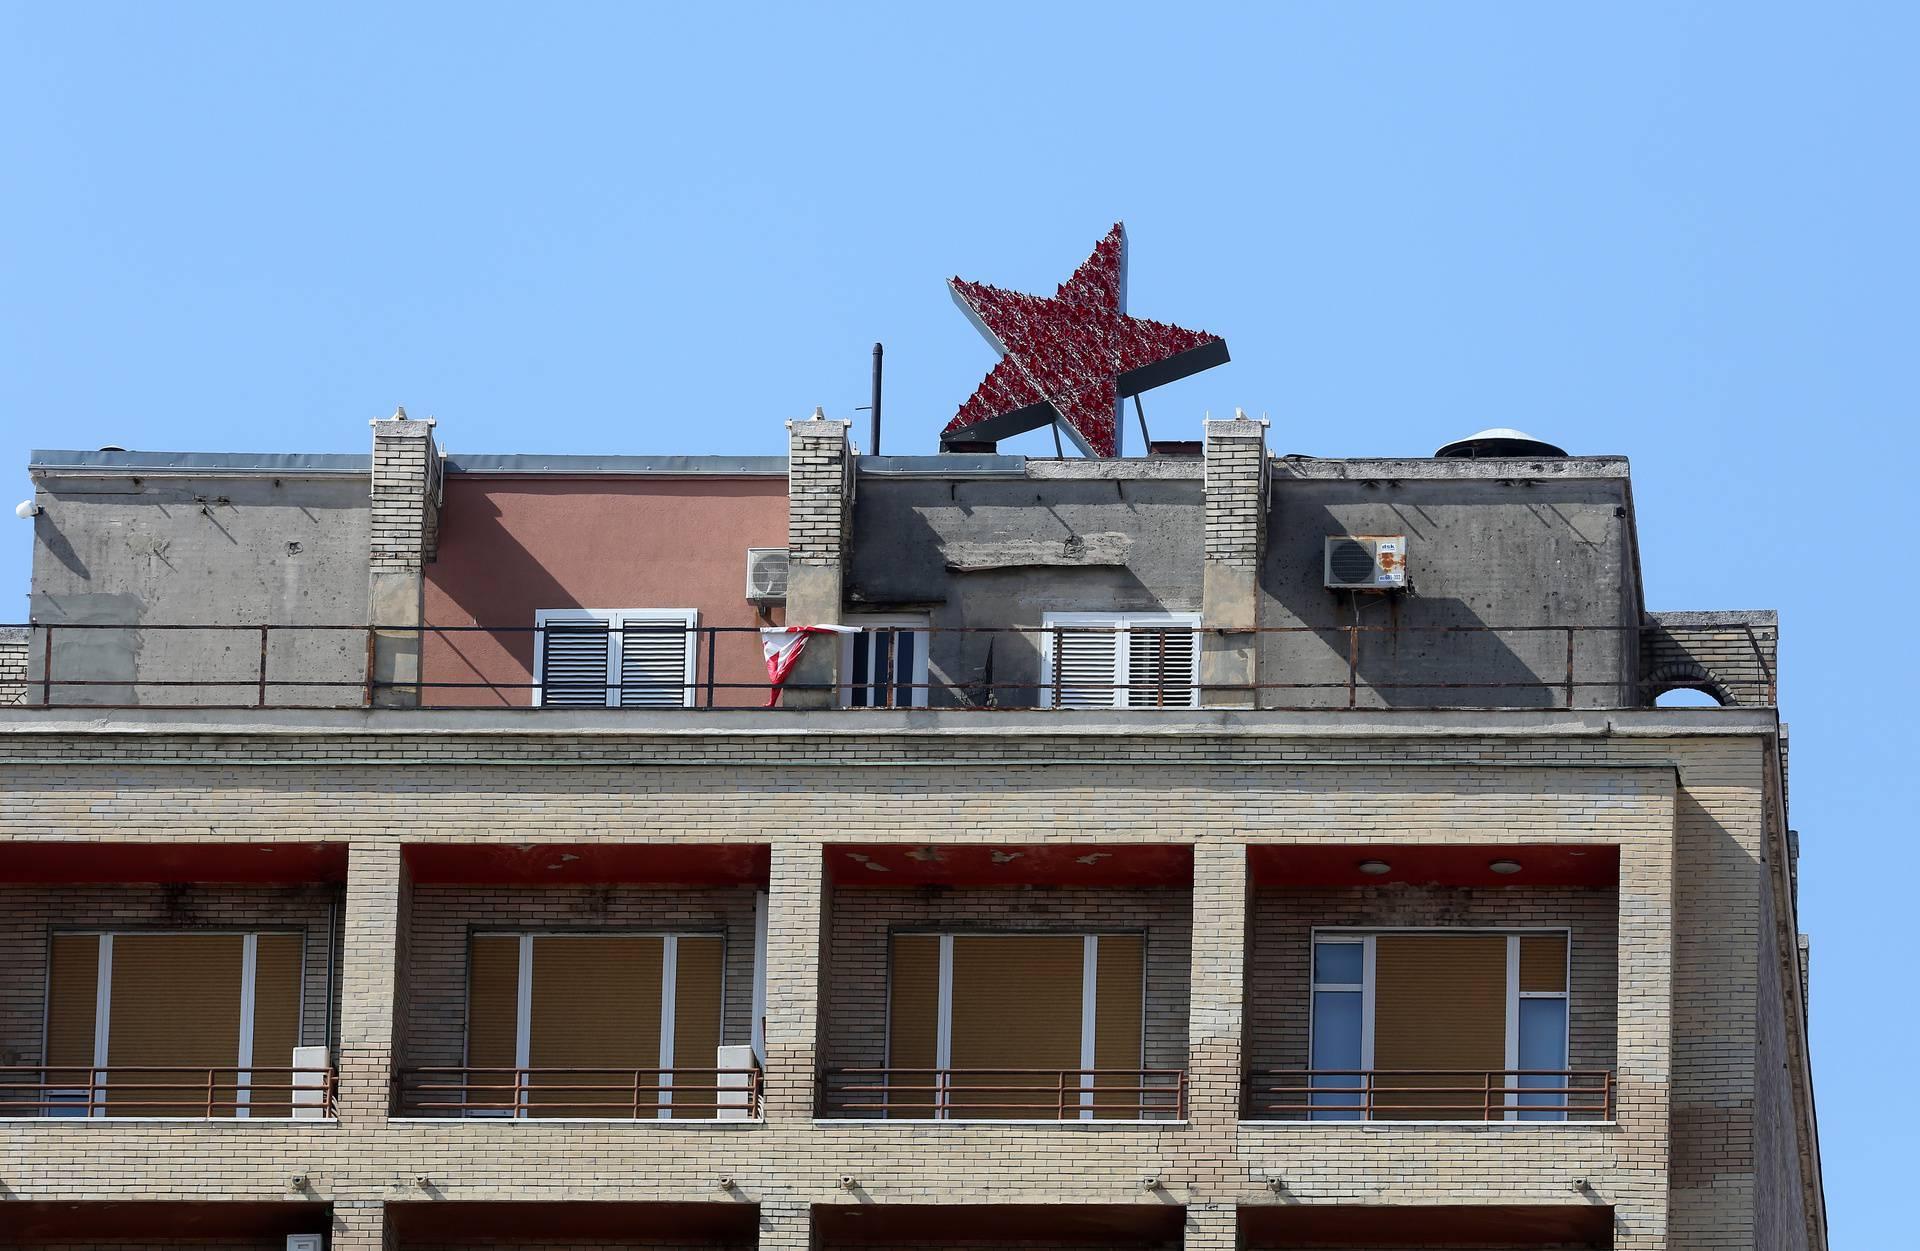 Ne stišavaju se reakcije na Spomenik crvenoj Rijeci: 'To je plitka politička provokacija!'